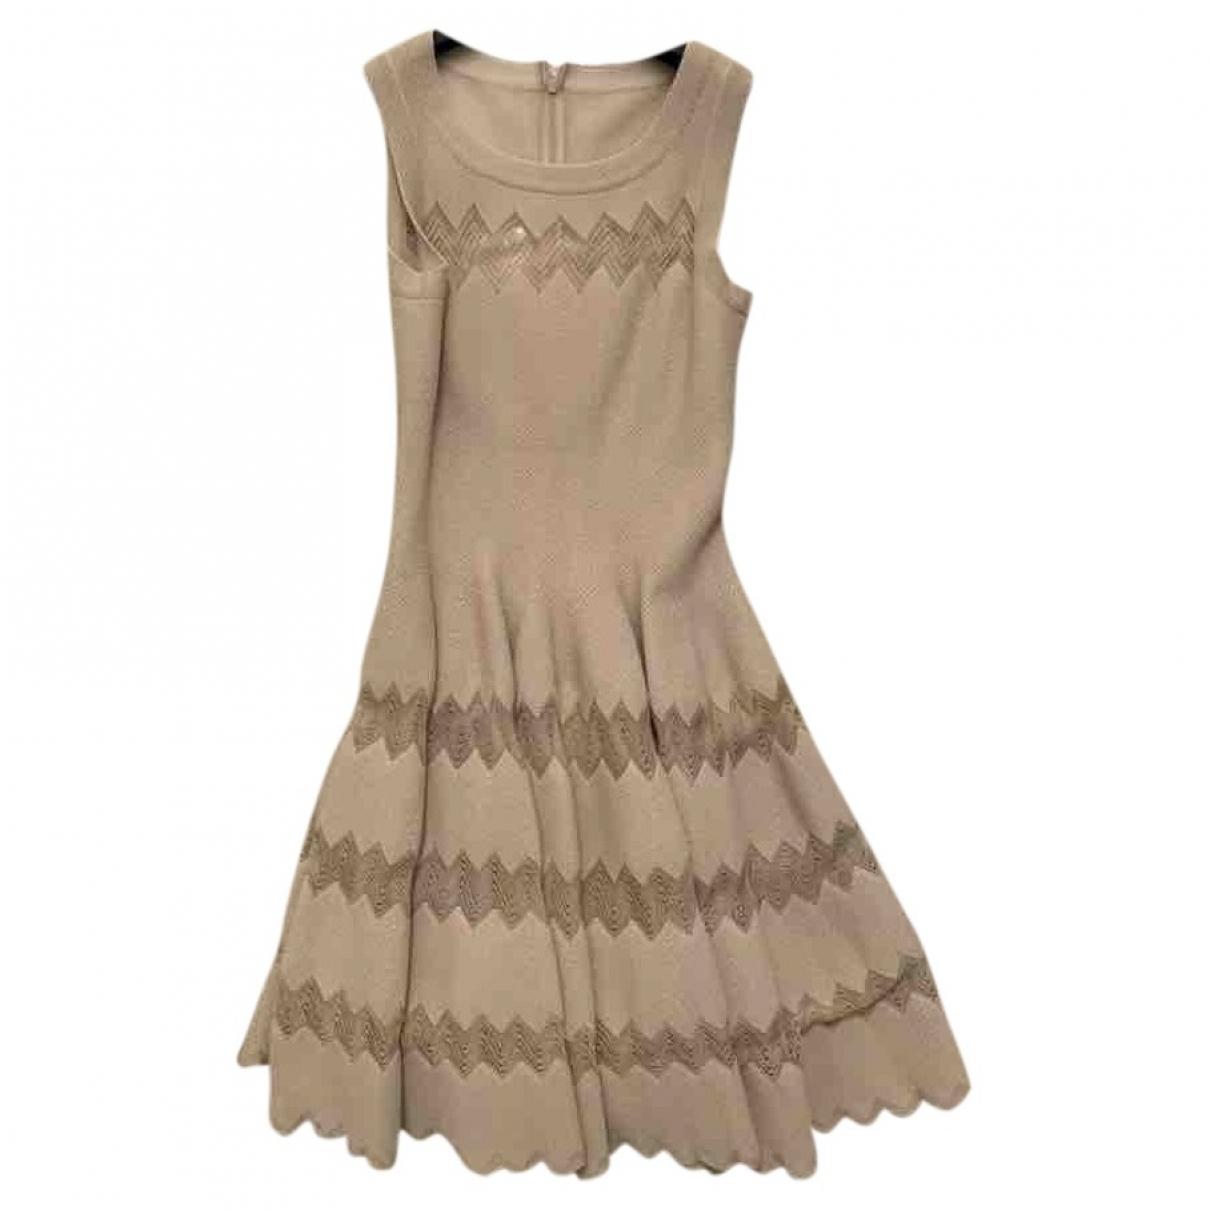 Alaia \N Kleid in  Beige Baumwolle - Elasthan